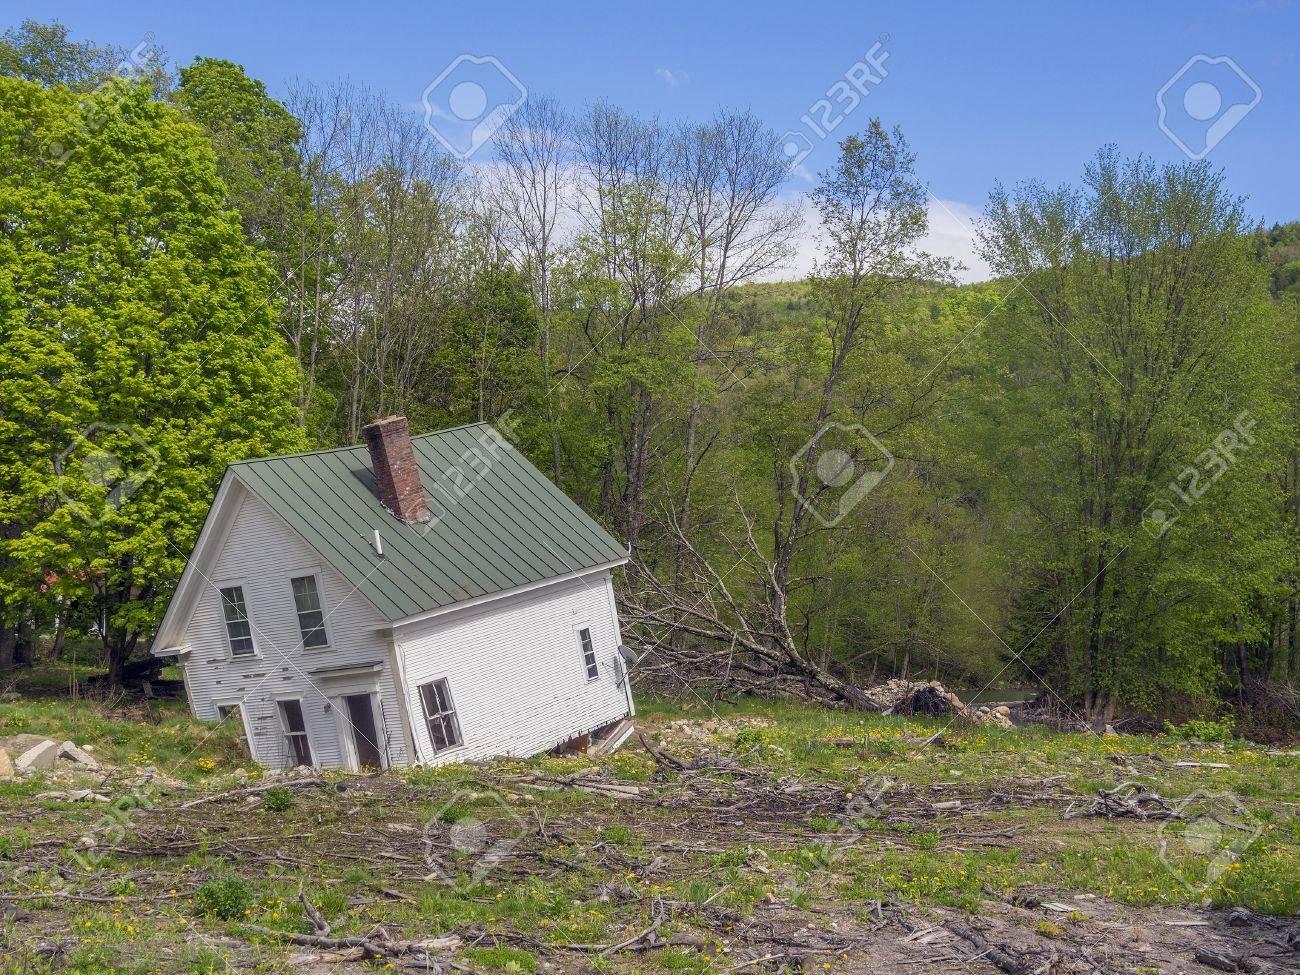 Casa Destruida En El Río Vermont Inundaciones Fotos, Retratos ...